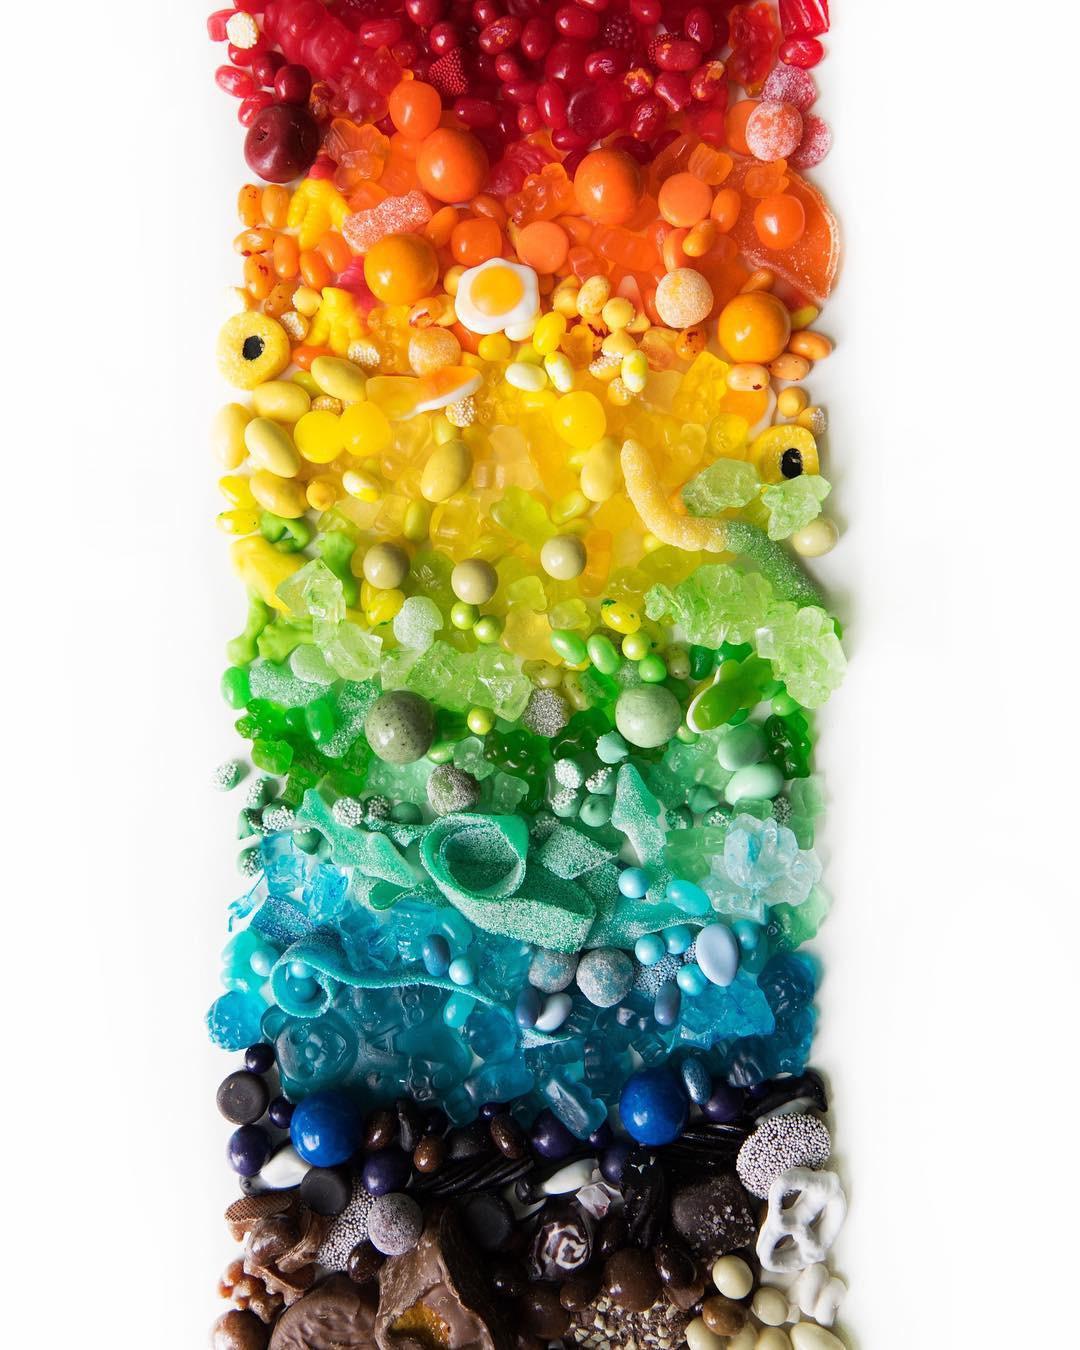 Bộ sưu tập ảnh đầy sắc màu cho thấy đỉnh cao của nghệ thuật sắp xếp - Ảnh 9.